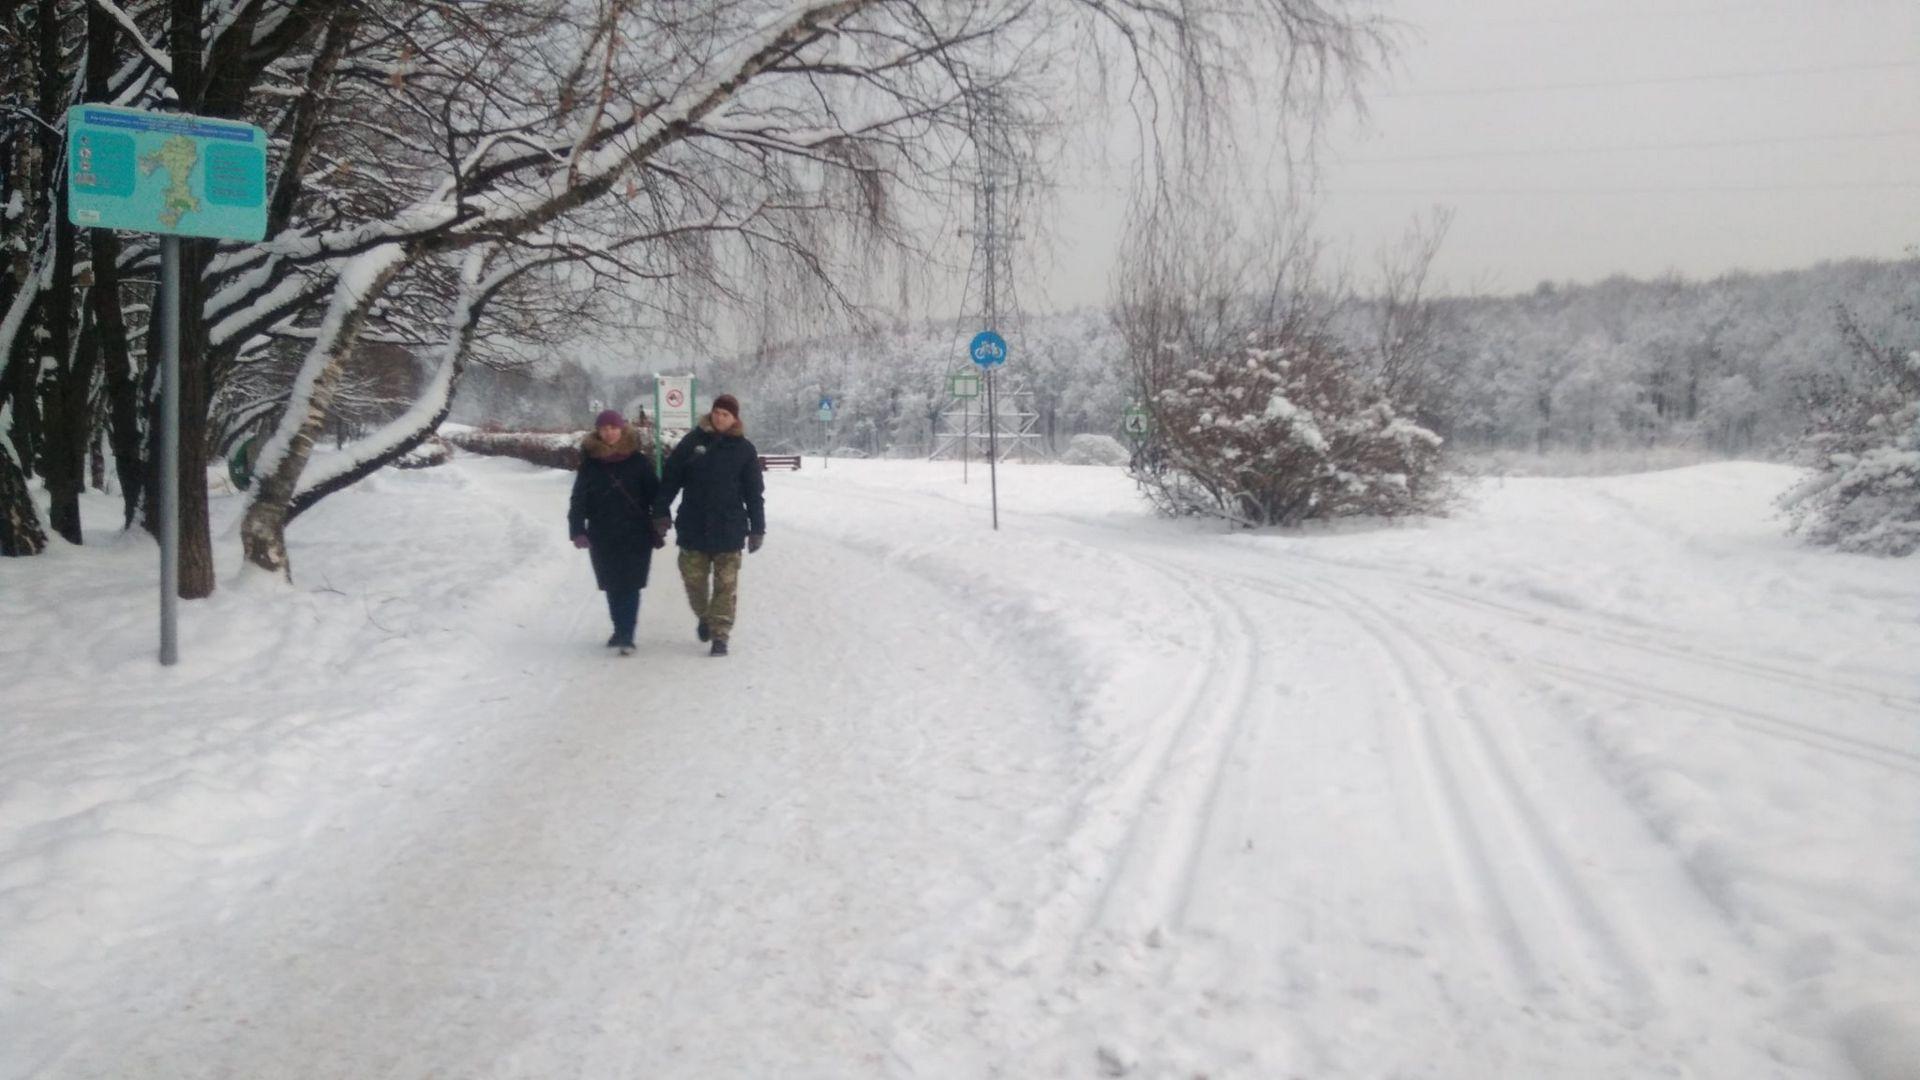 гуляют в парке зимой